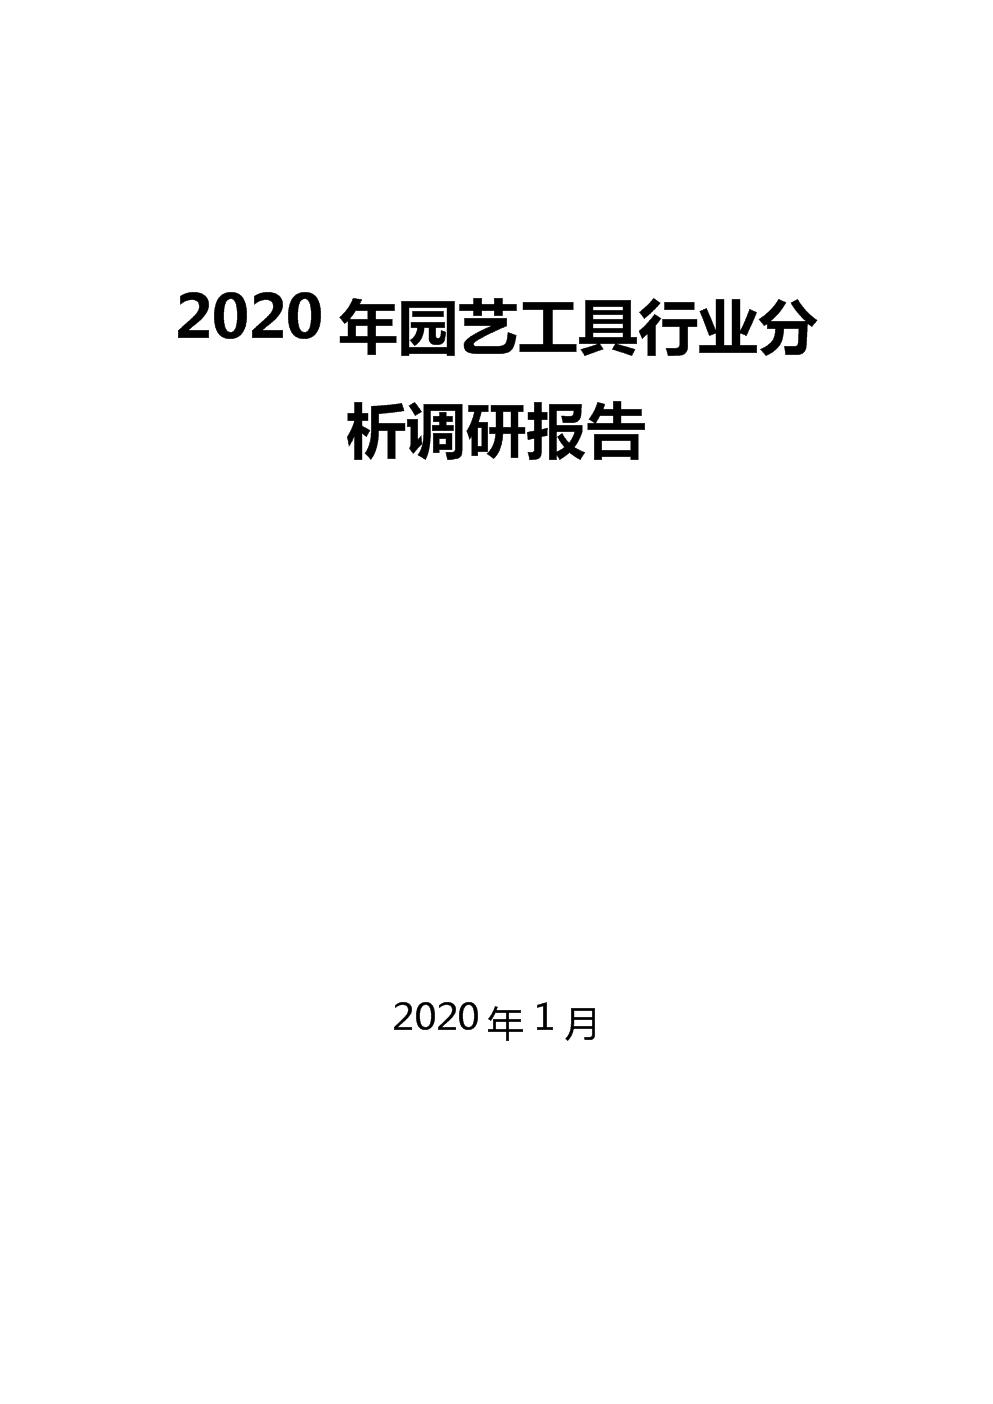 2020园艺工具行业分析调研报告.docx